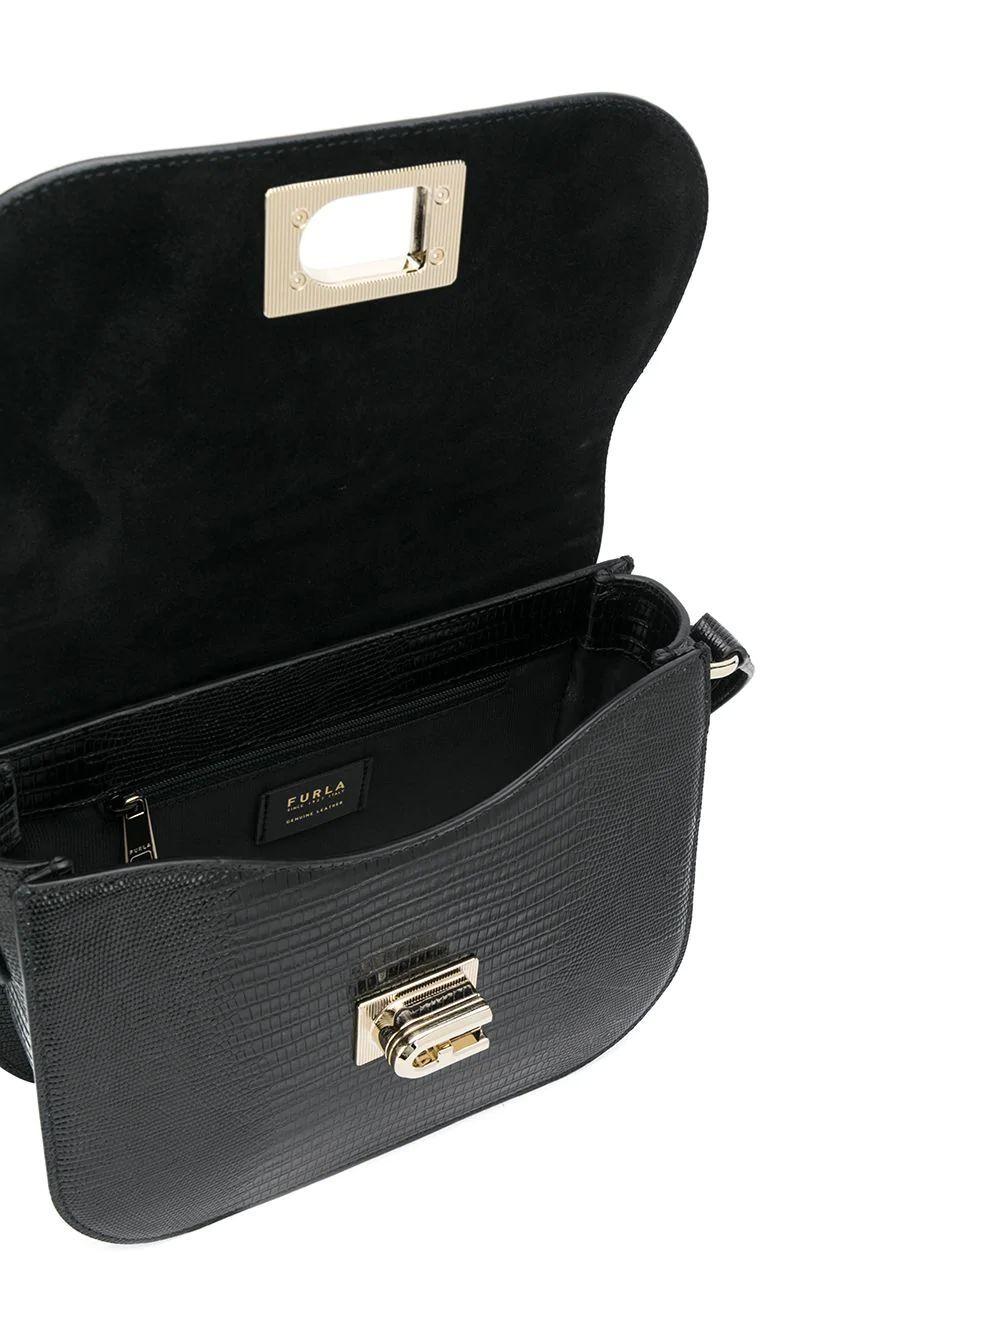 FURLA WOMEN'S 1065990 BLACK LEATHER SHOULDER BAG